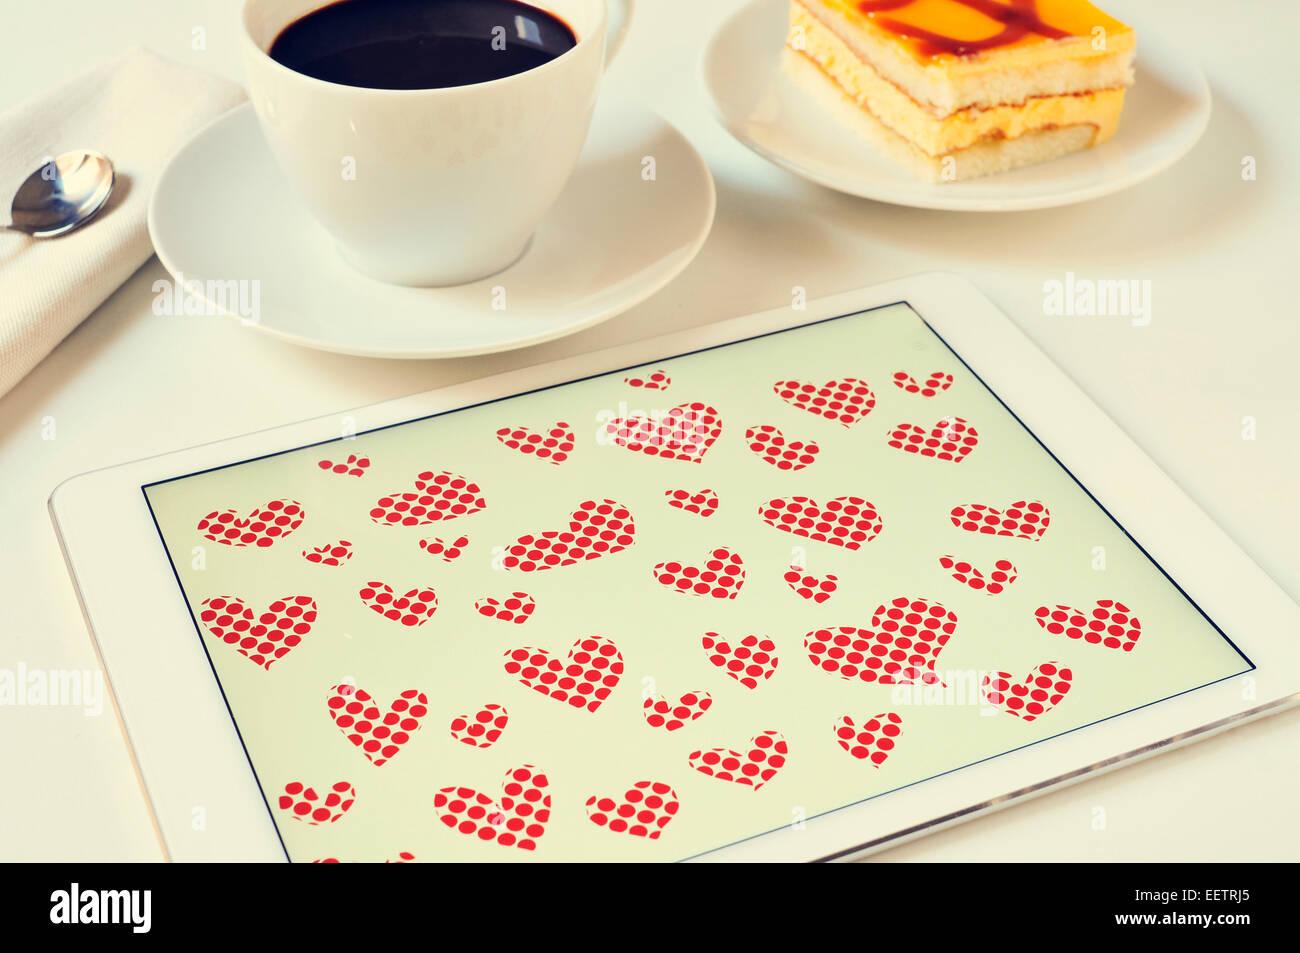 Herzen in einem Grafik-Editor eines Tablet-PCs auf einen Tisch zum Frühstück gezeichnet Stockbild